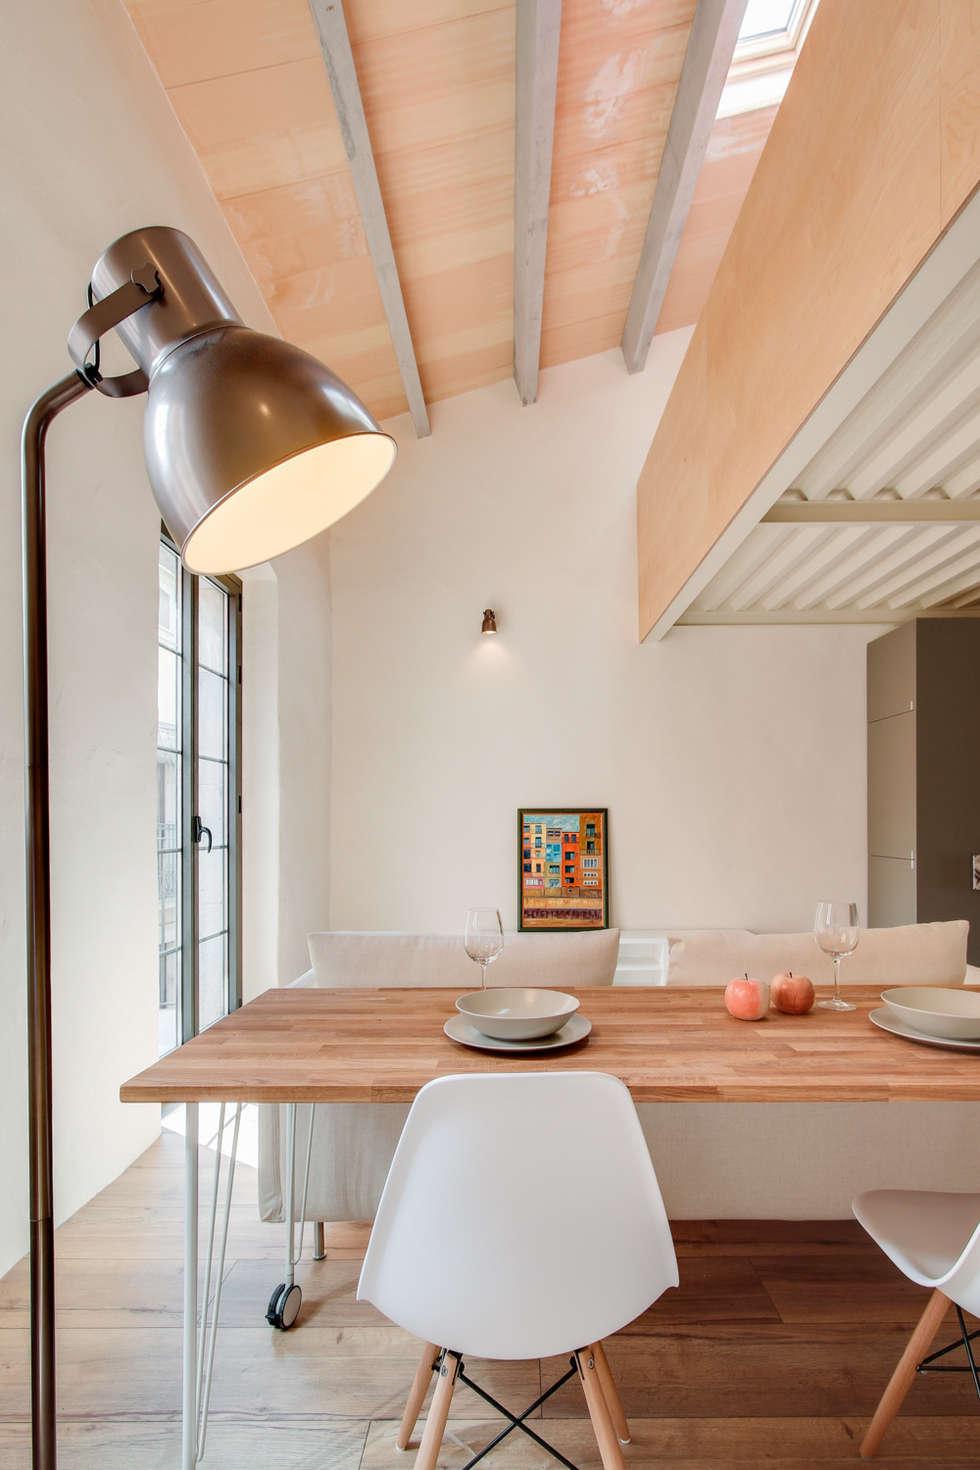 Salas de jantar mediterr nicas por lara pujol interiorismo proyectos de dise o homify - Fotos de interiorismo ...